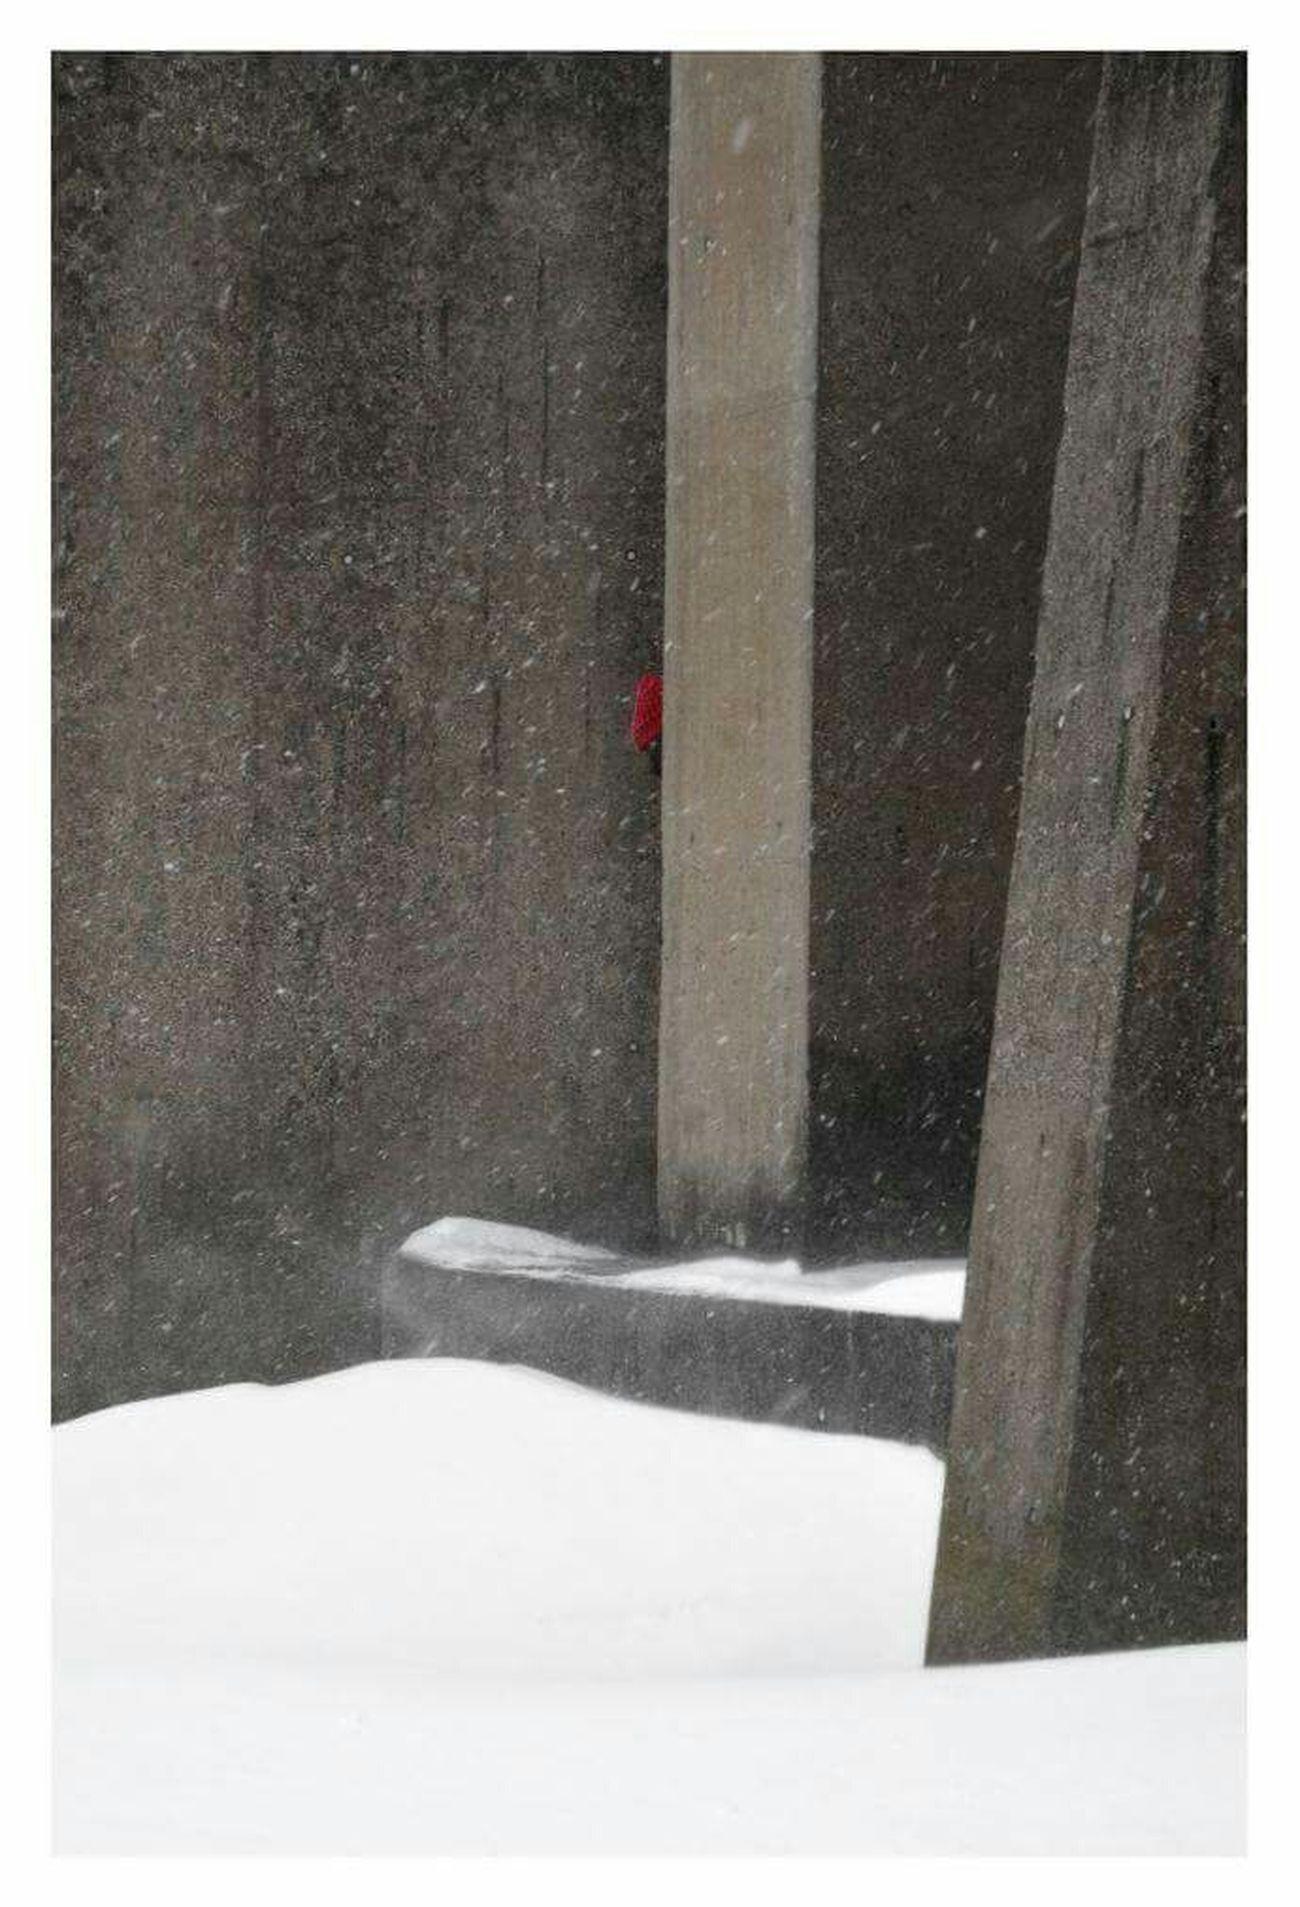 Negative Space Minimal View Simplicity Architectural Detail Architecture Concrete